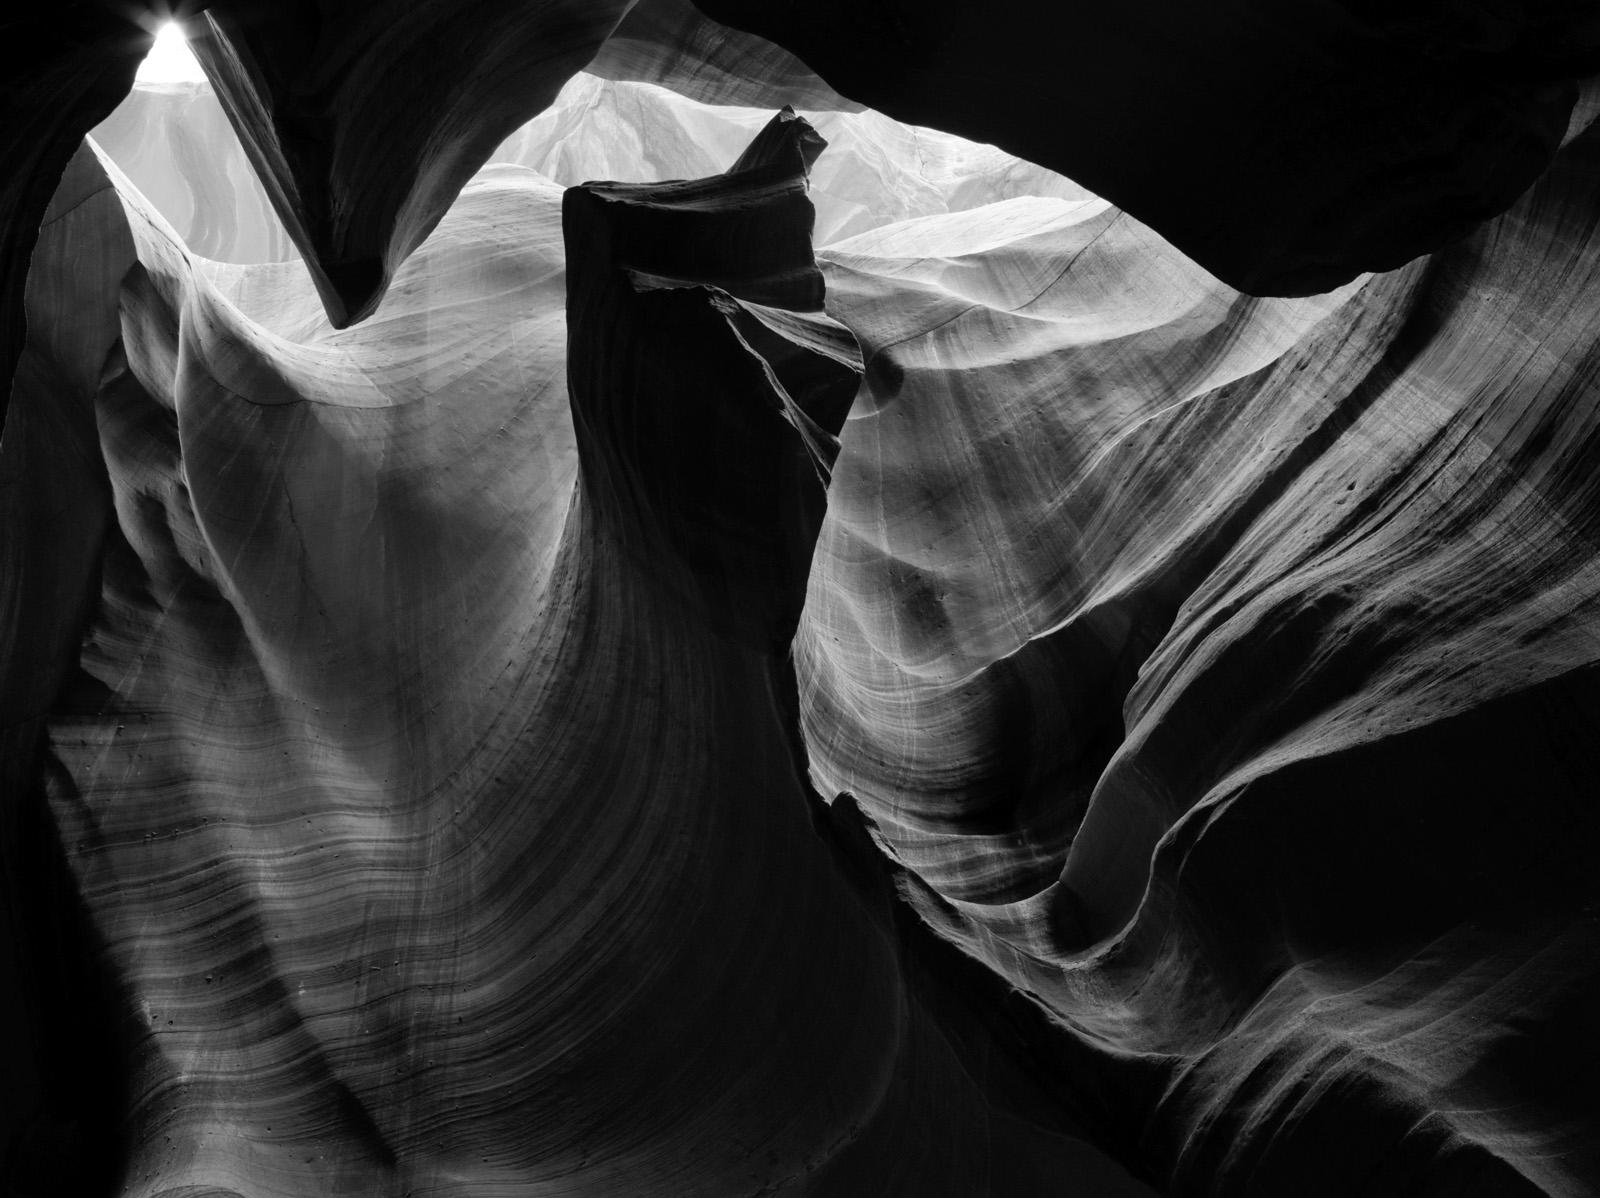 ©Wei-Ming Yuan, Solitary, 2013